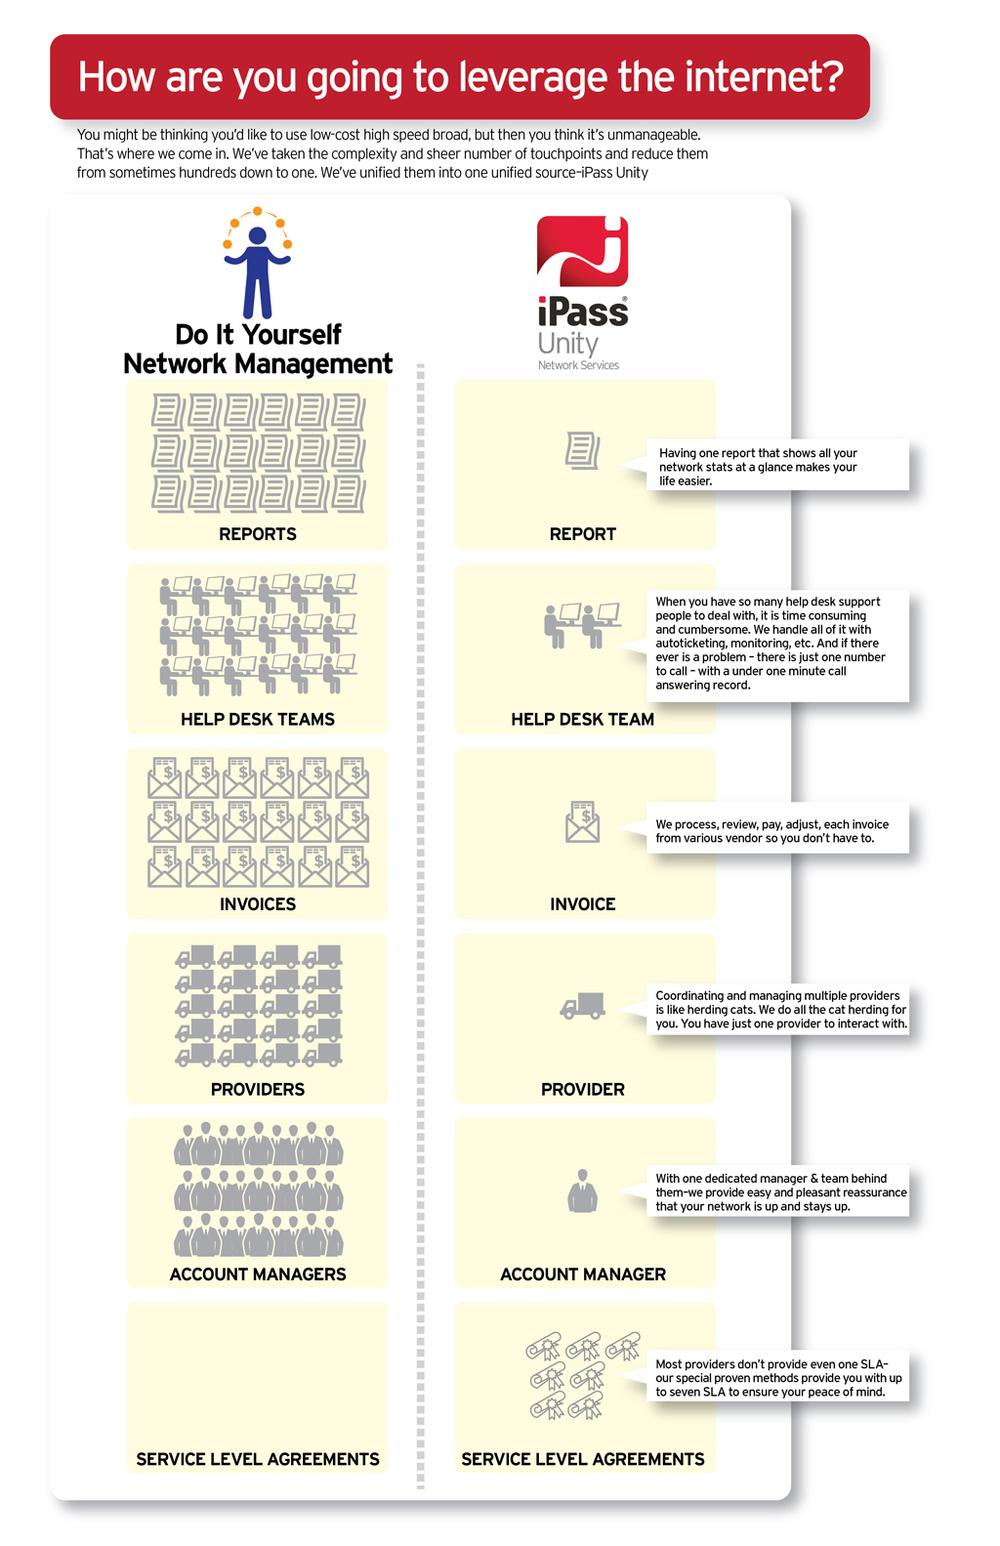 iPass_infographic_071713.jpg